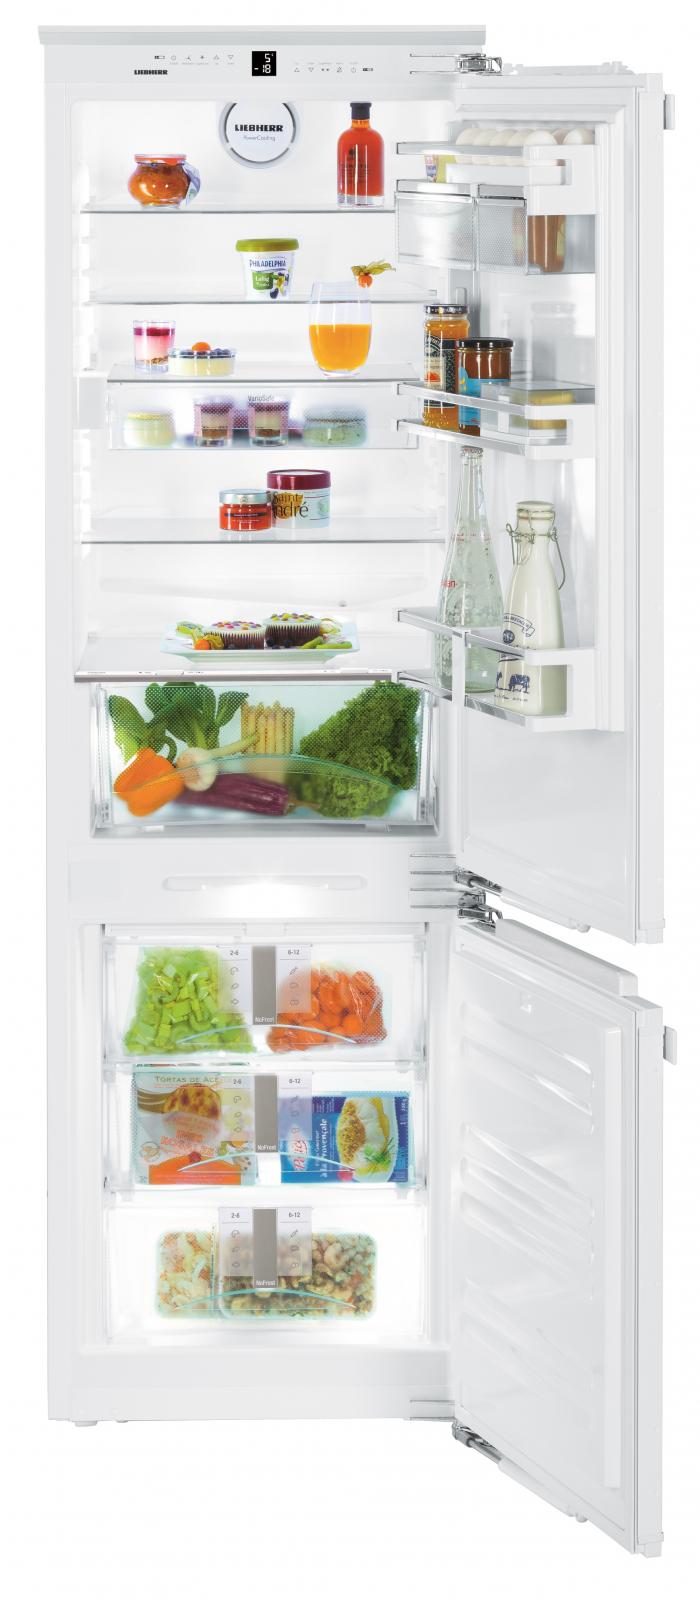 Встраиваемый двухкамерный холодильник Liebherr ICN 3376 купить украина